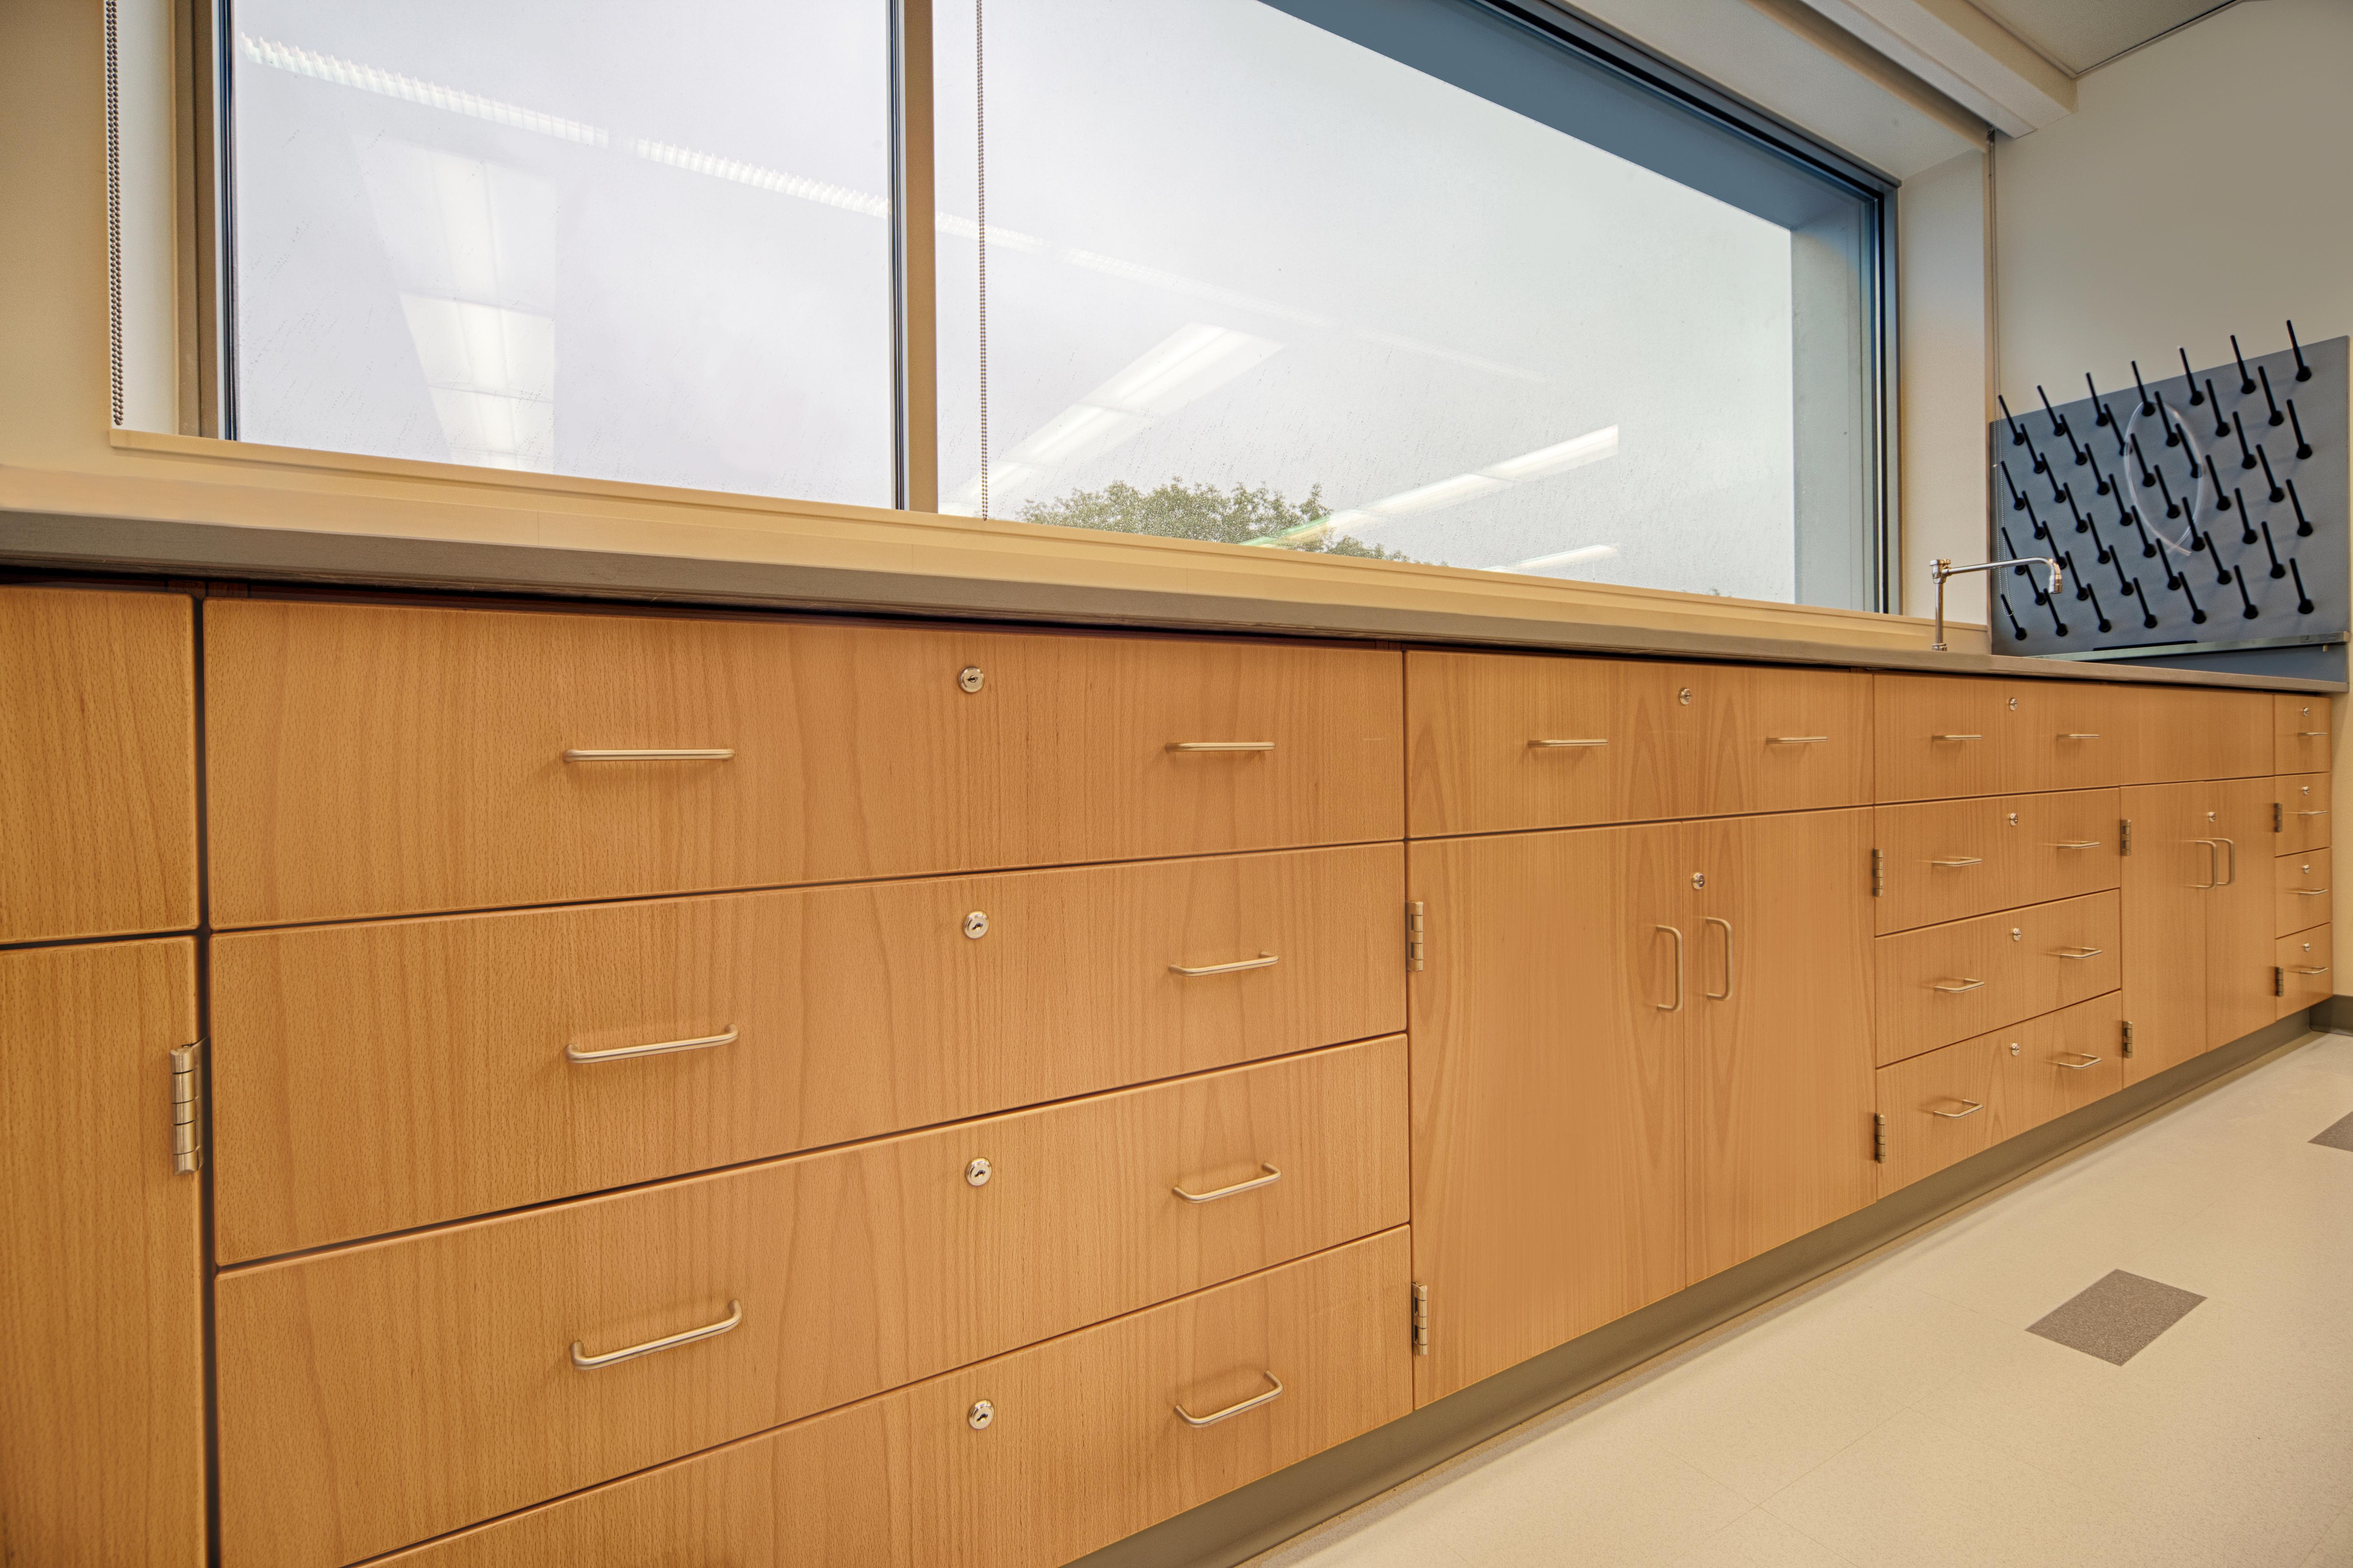 E-Line Series Premium Wood Casework